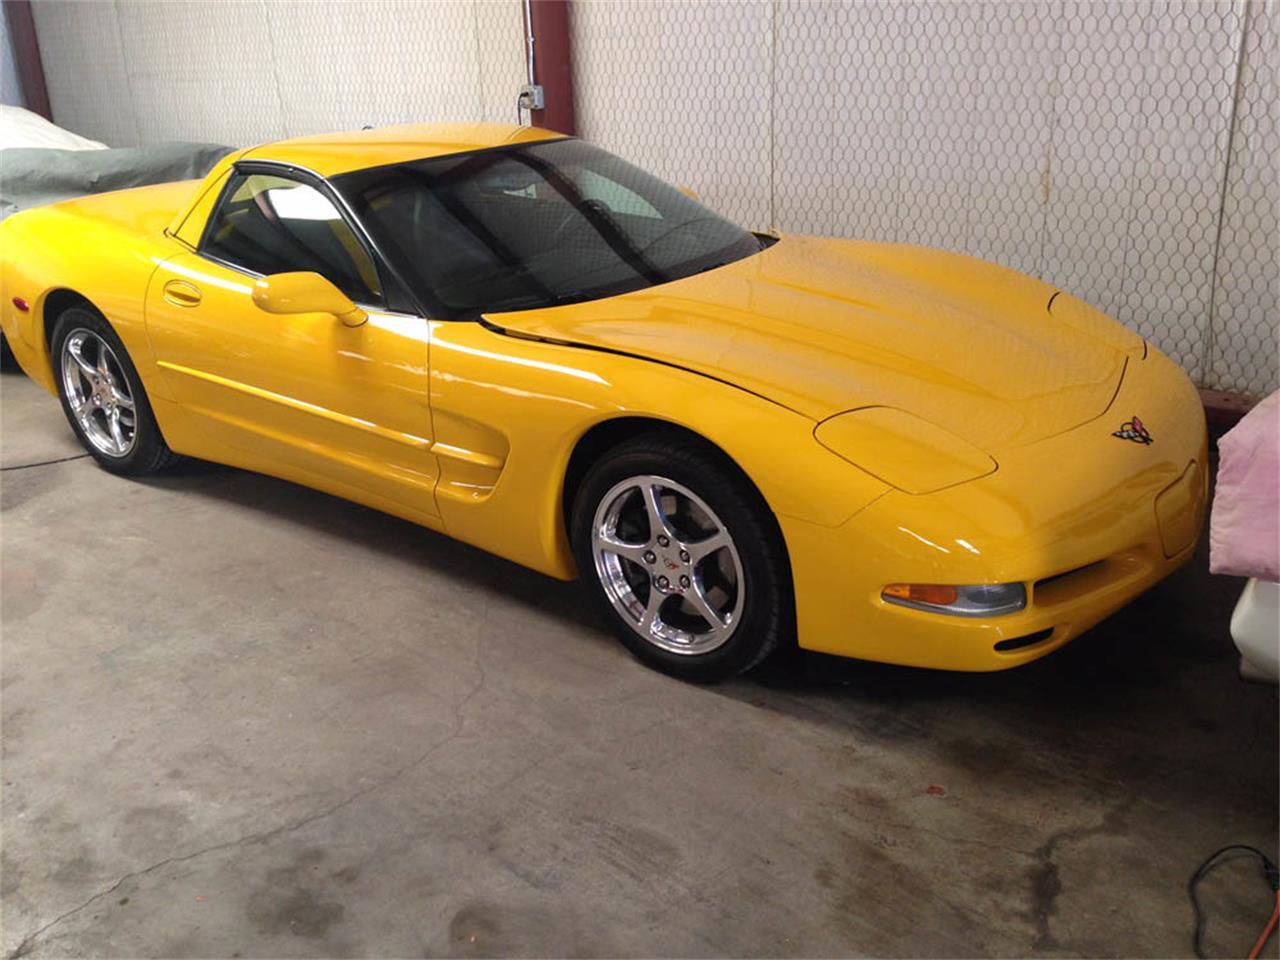 2002 Chevrolet Corvette (CC-1048999) for sale in Plano, Texas